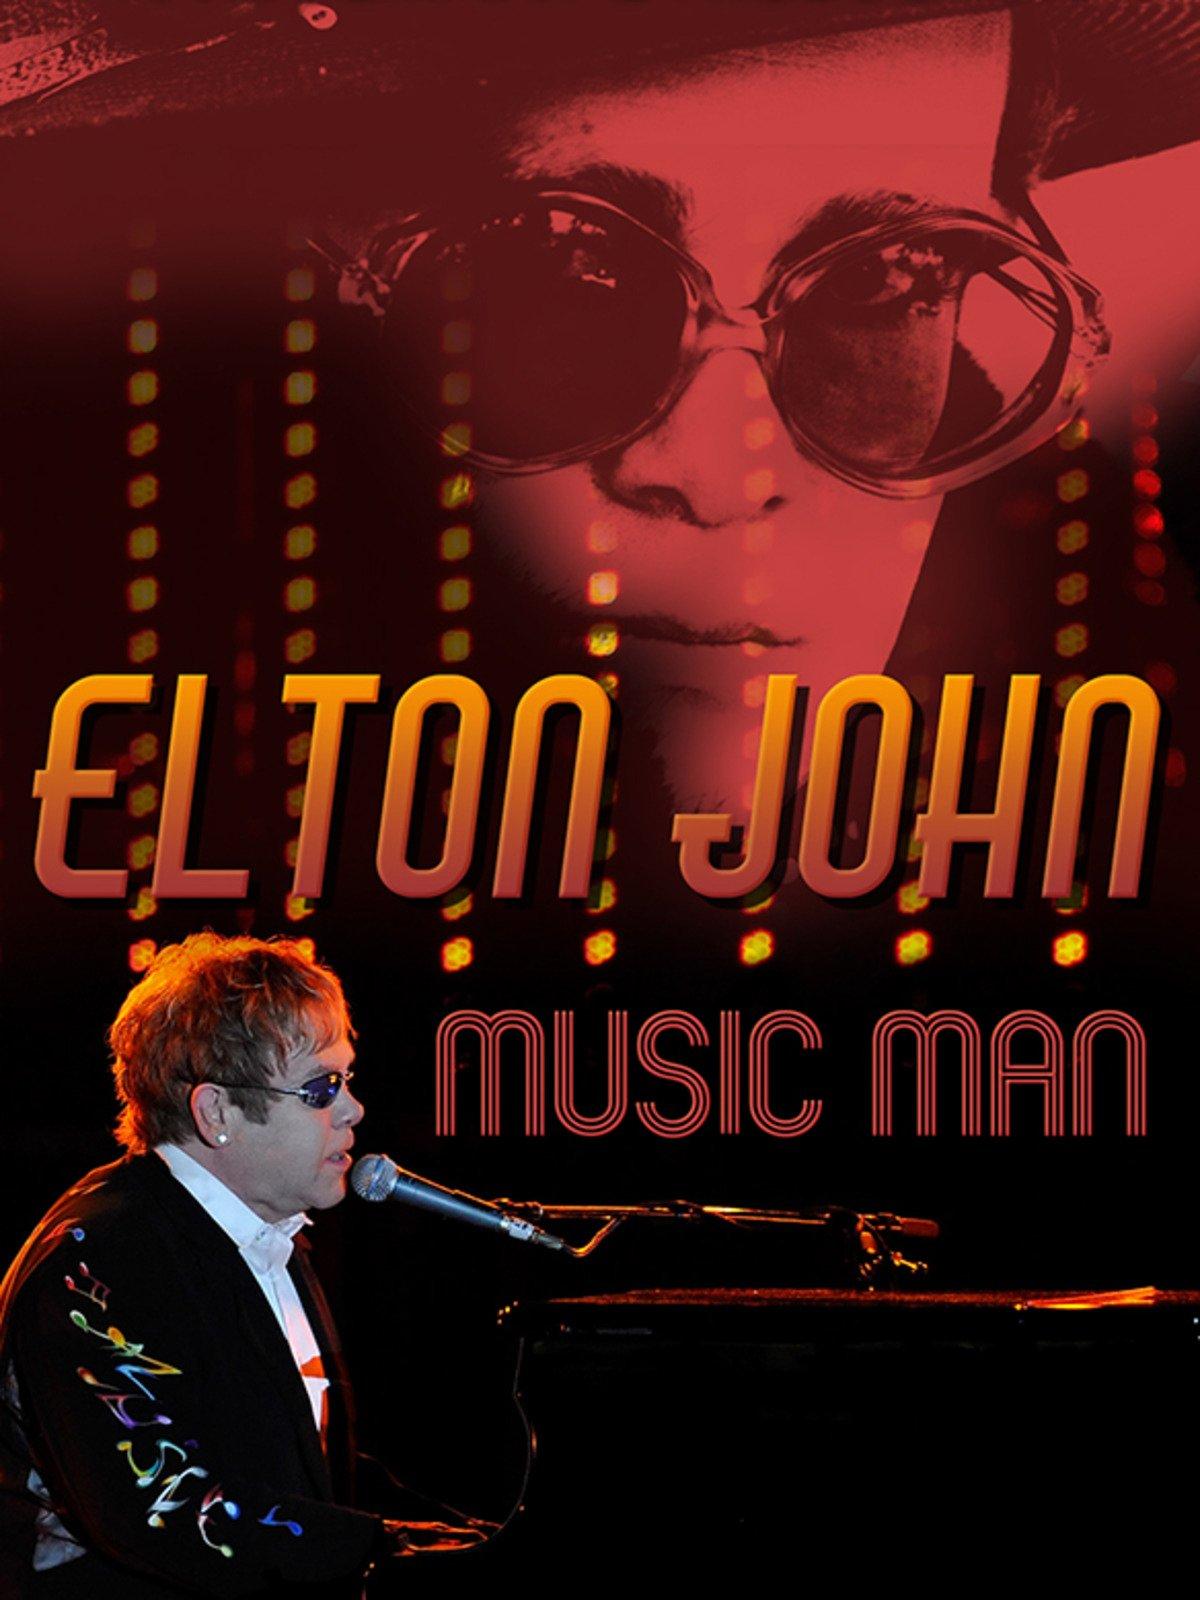 Elton John: Music Man